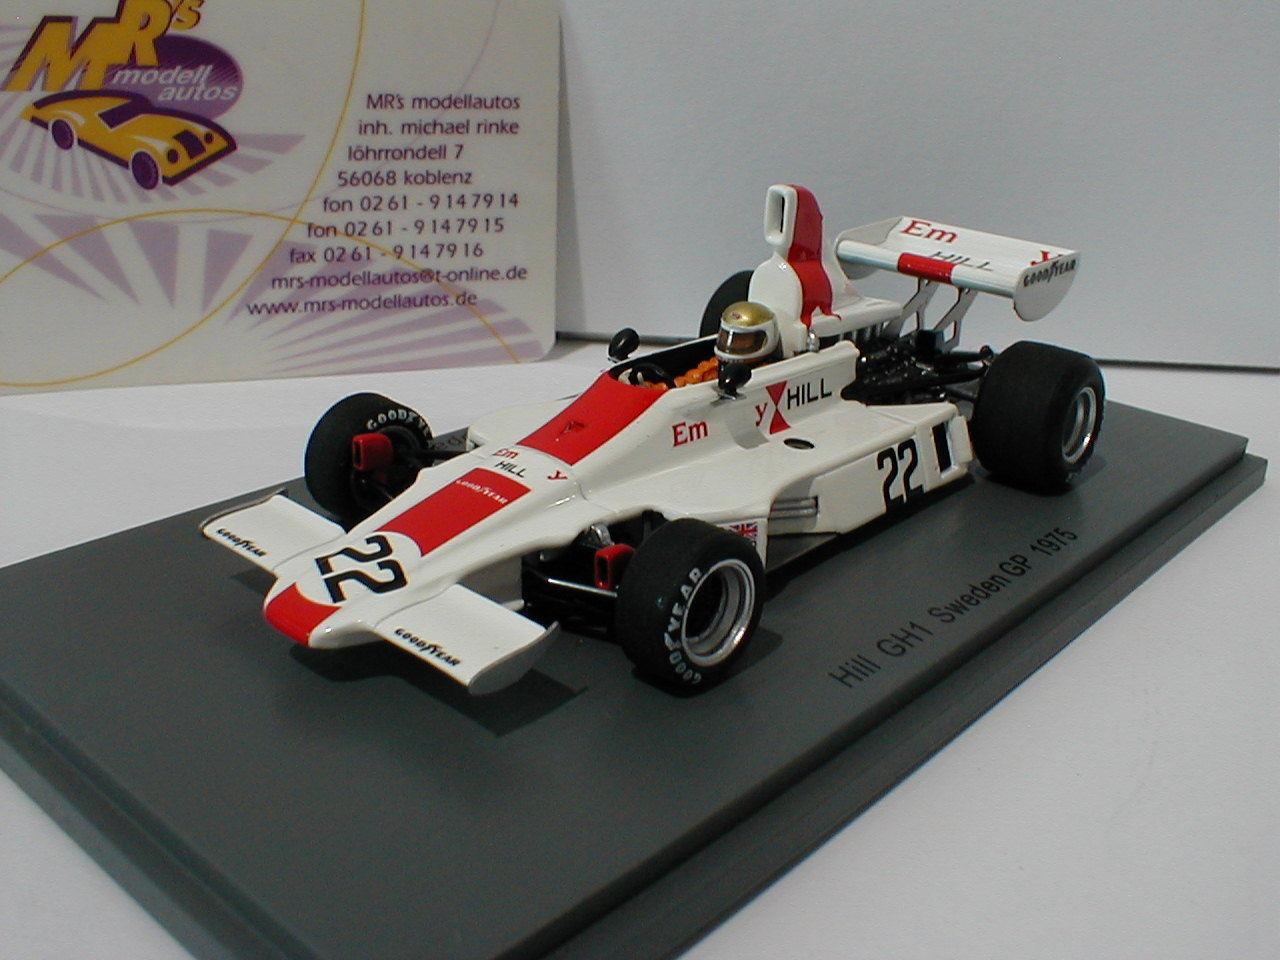 SPARK s5674-Hill gh1  no. 22 Suède GP Formule 1 1975 Vern Schuppan 1 43 Nouveau  avec le prix bon marché pour obtenir la meilleure marque